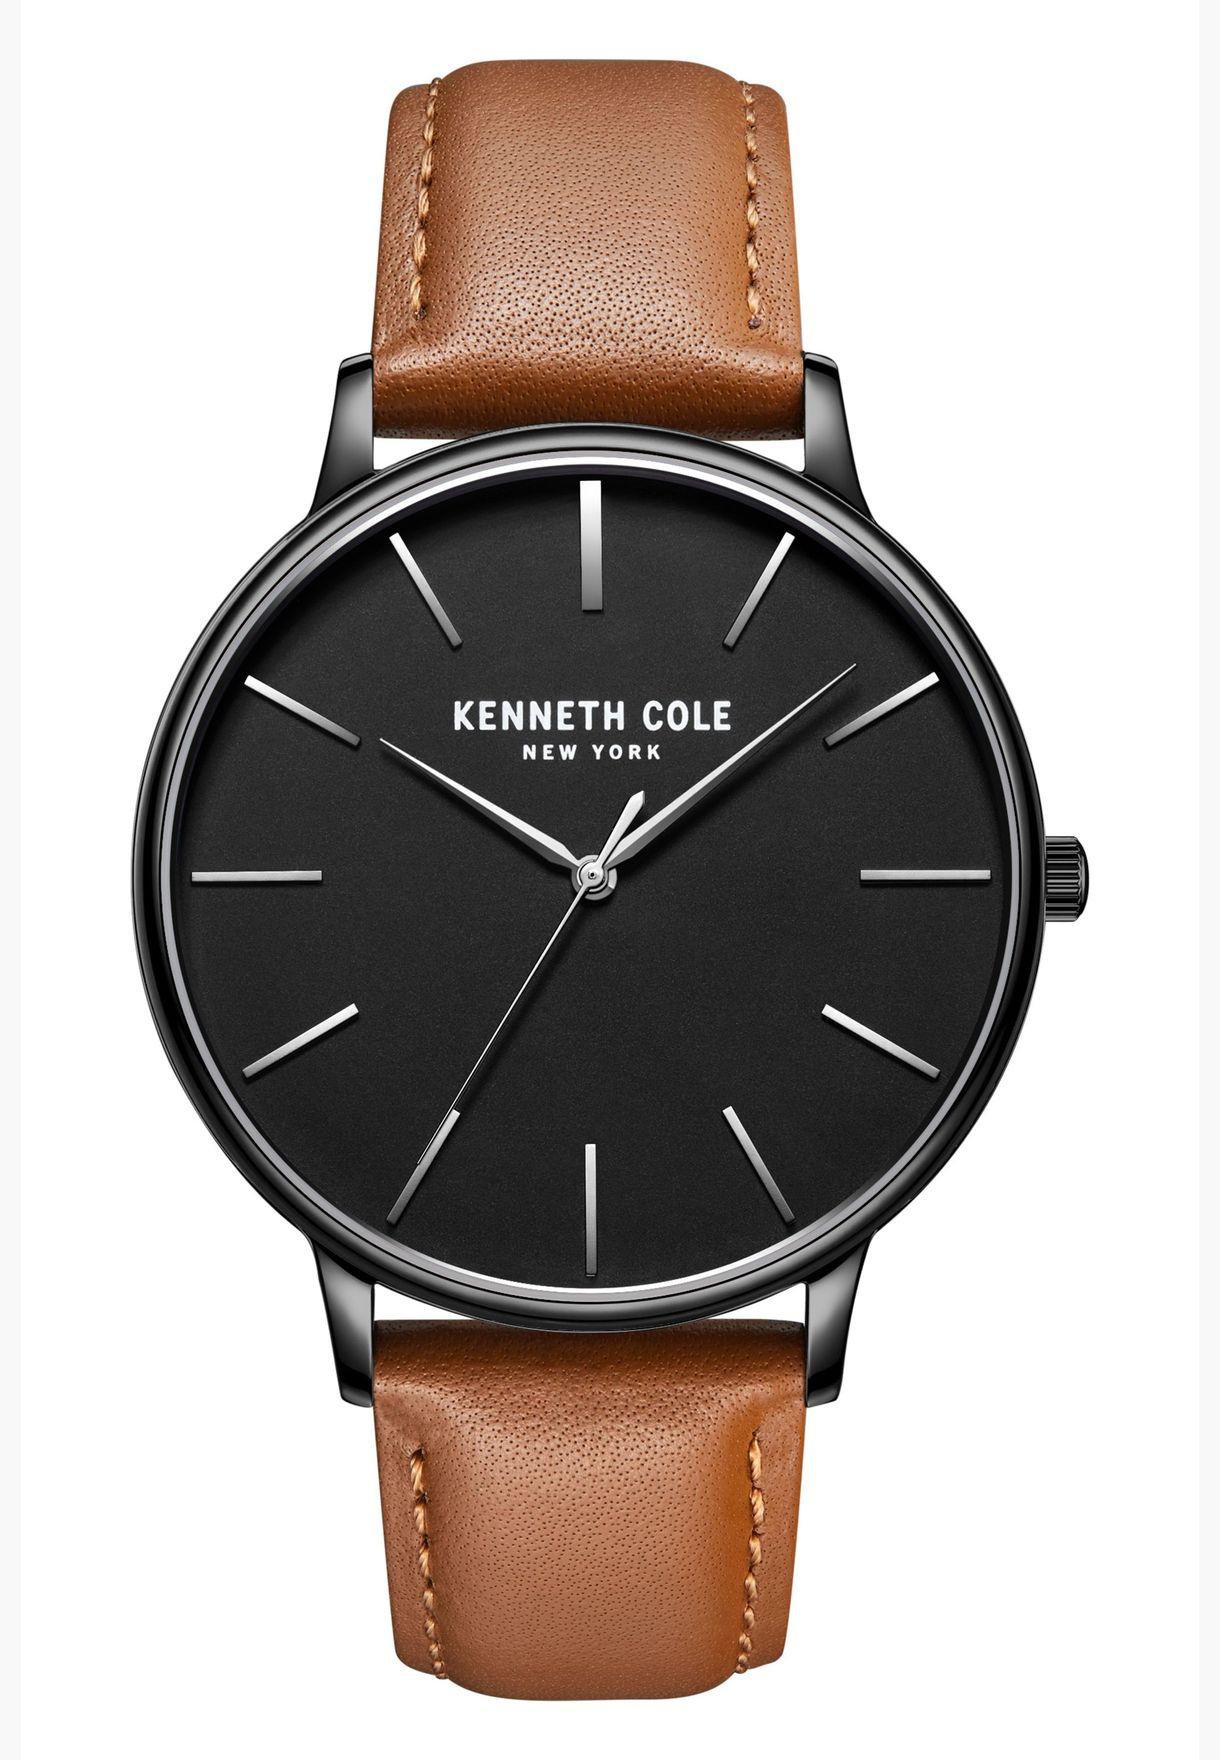 ساعة كلاسيك جلد للرجال من كينيث كول - KC51111004